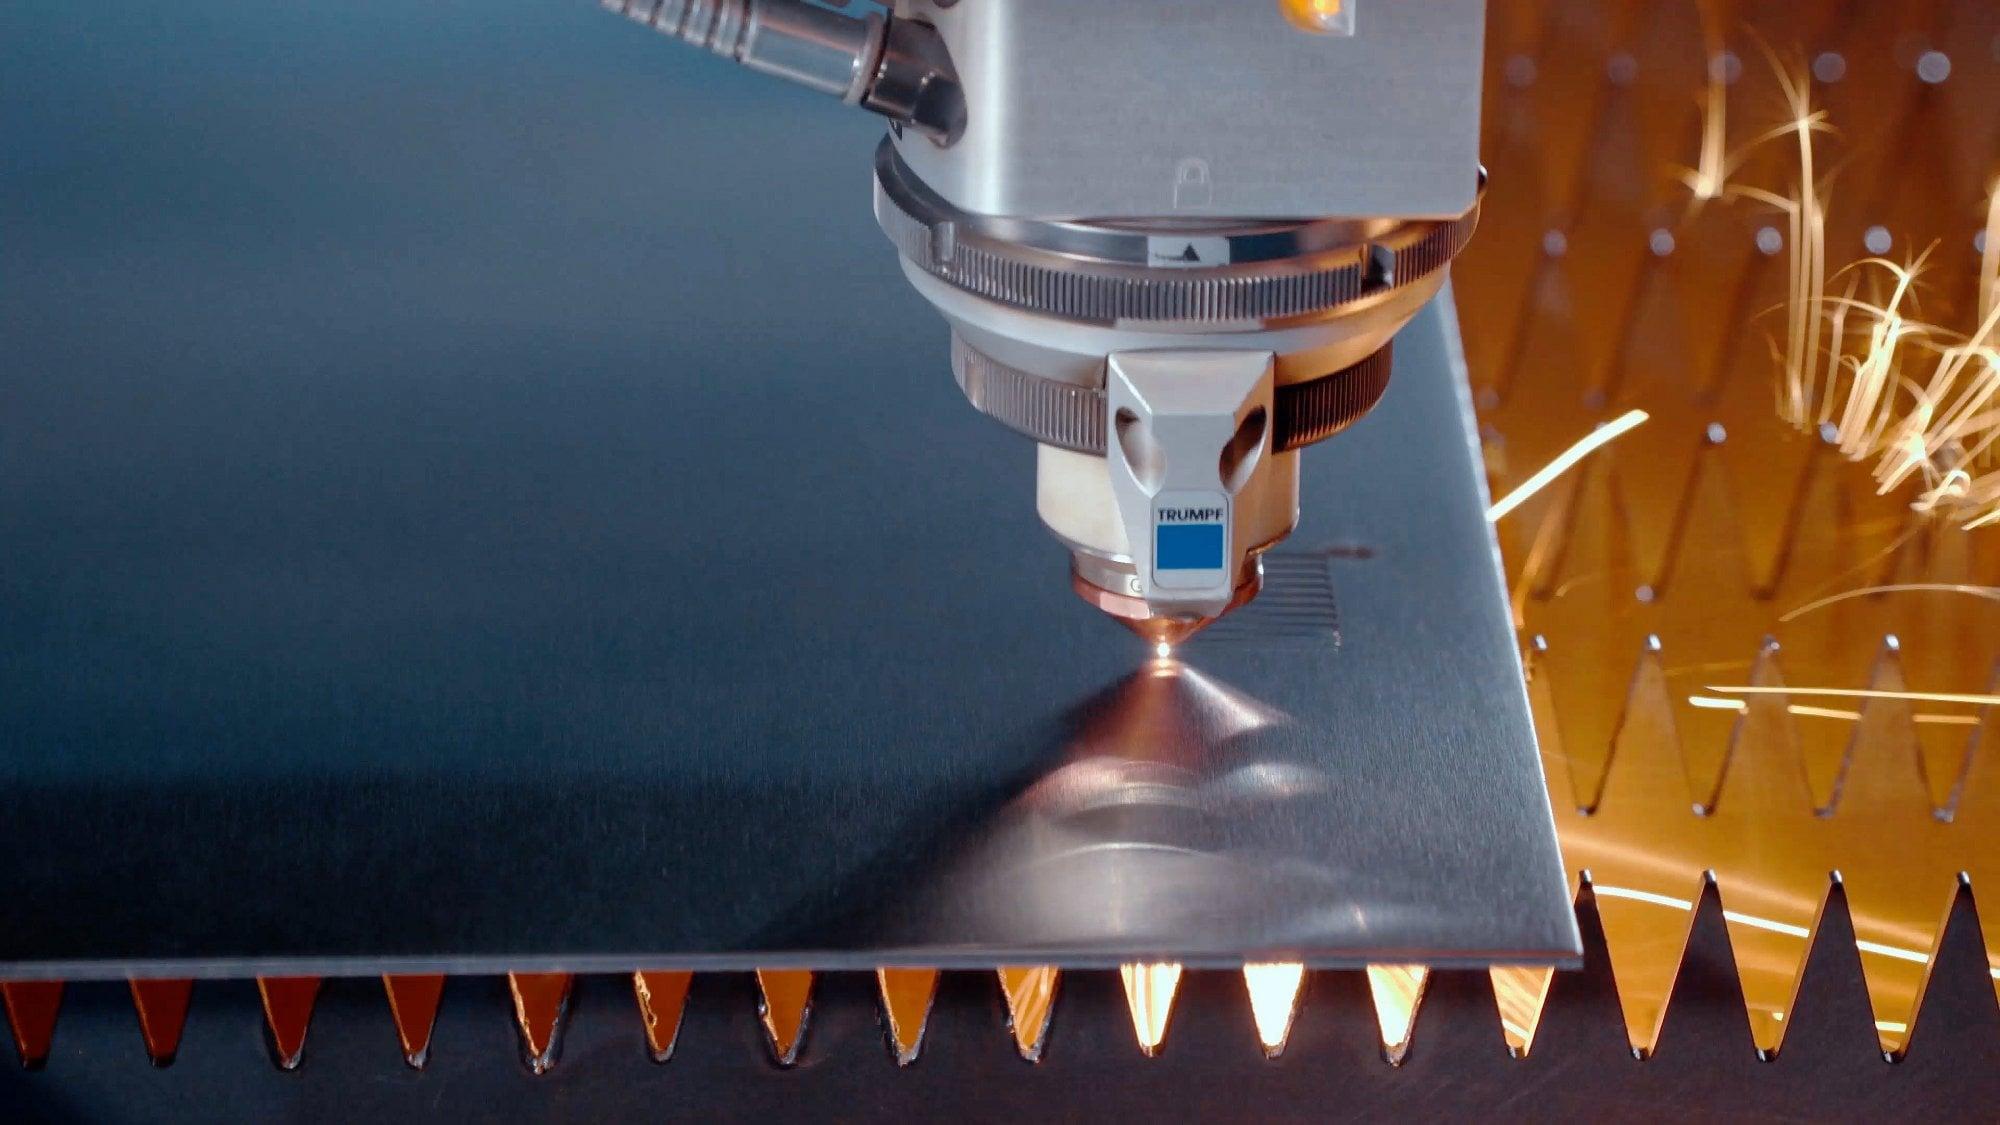 Раскрой металла, лазерный раскрой листового металла (видео)